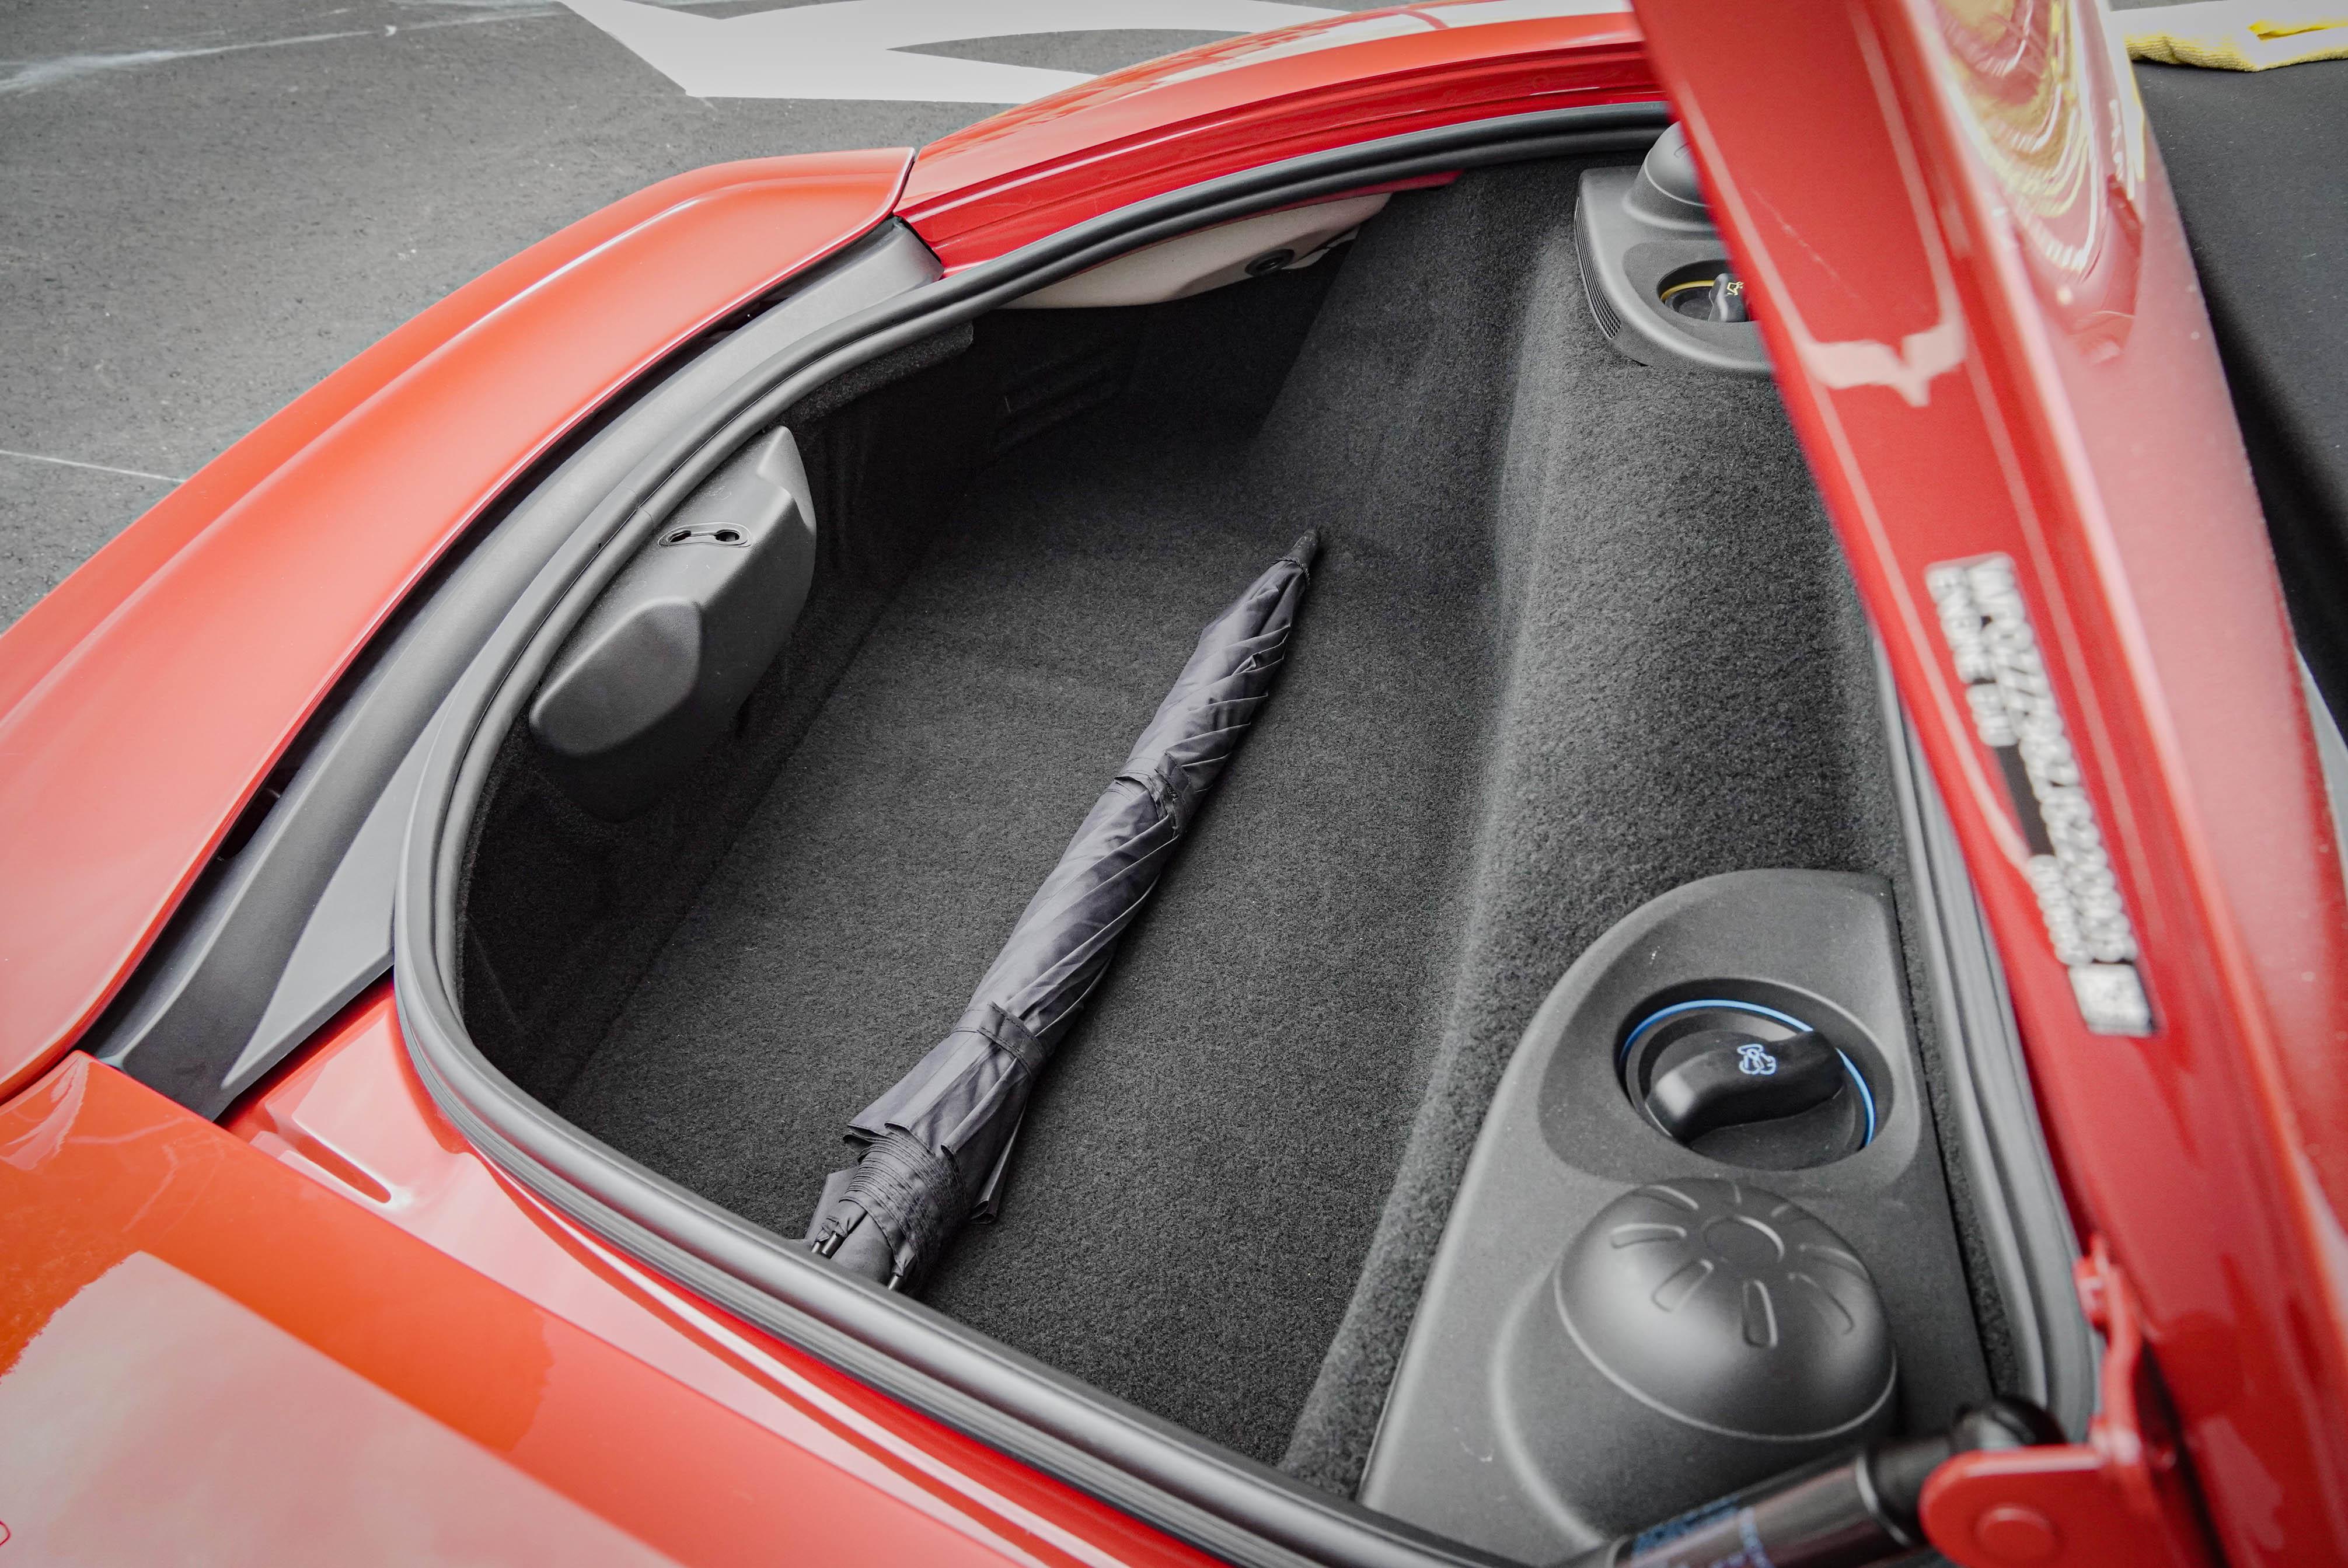 受惠於中置引擎設定,Boxster 擁有前後行李廂。